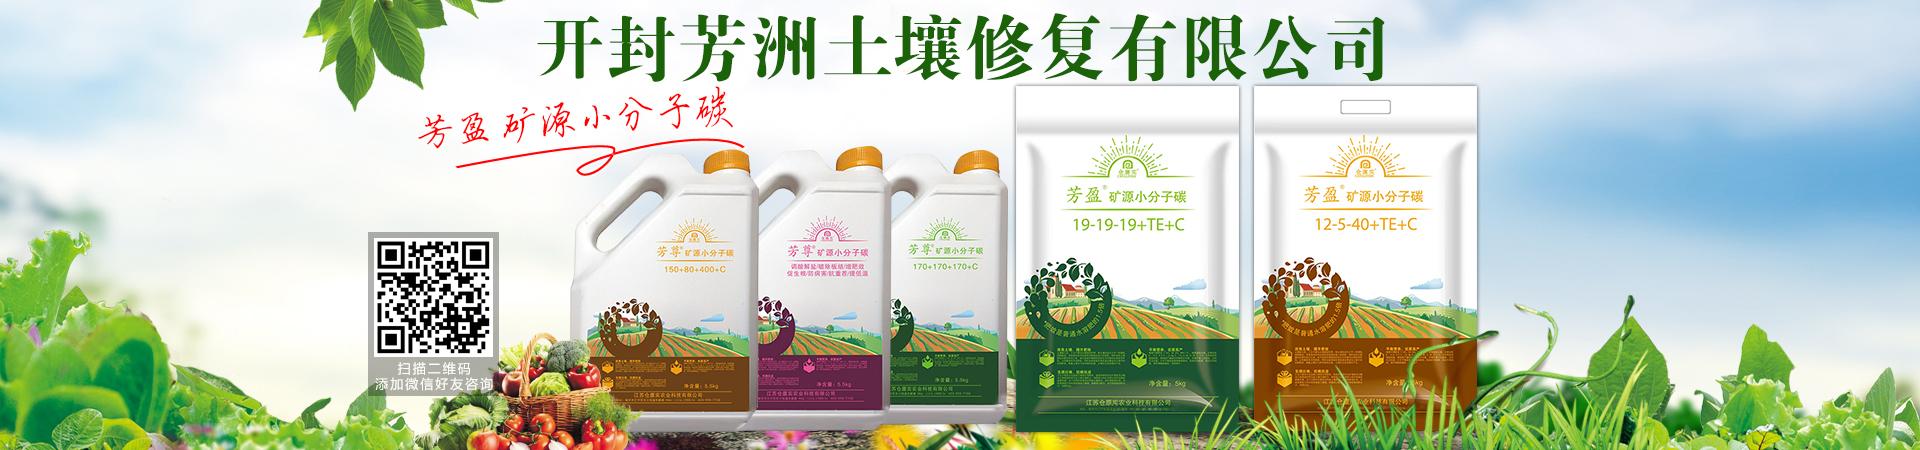 江苏仓廪实农业科技有限公司